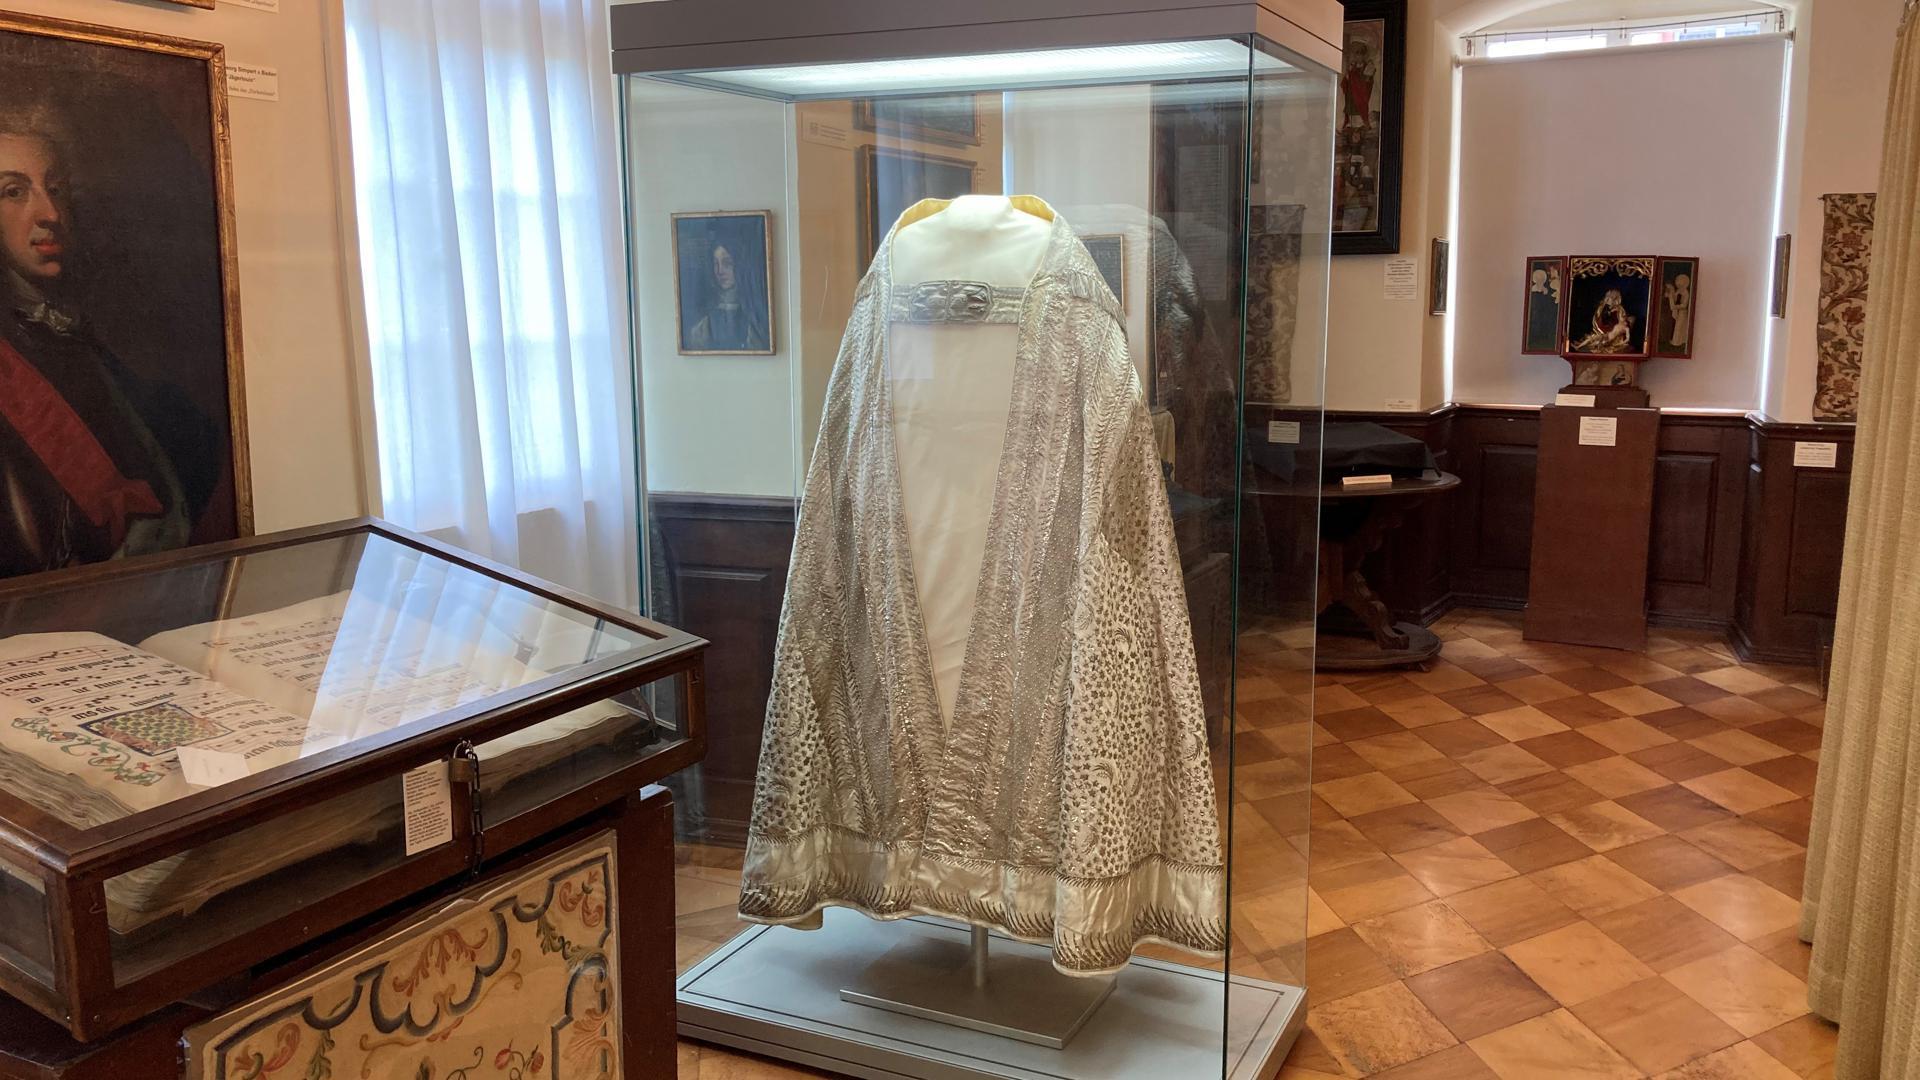 Das aufwändig bestickte Gewand wurde zu Hochfesten von Priestern im Kloster Lichtenthal getragen. Heute hängt es in einer Vitrine im Museum des Klosters.